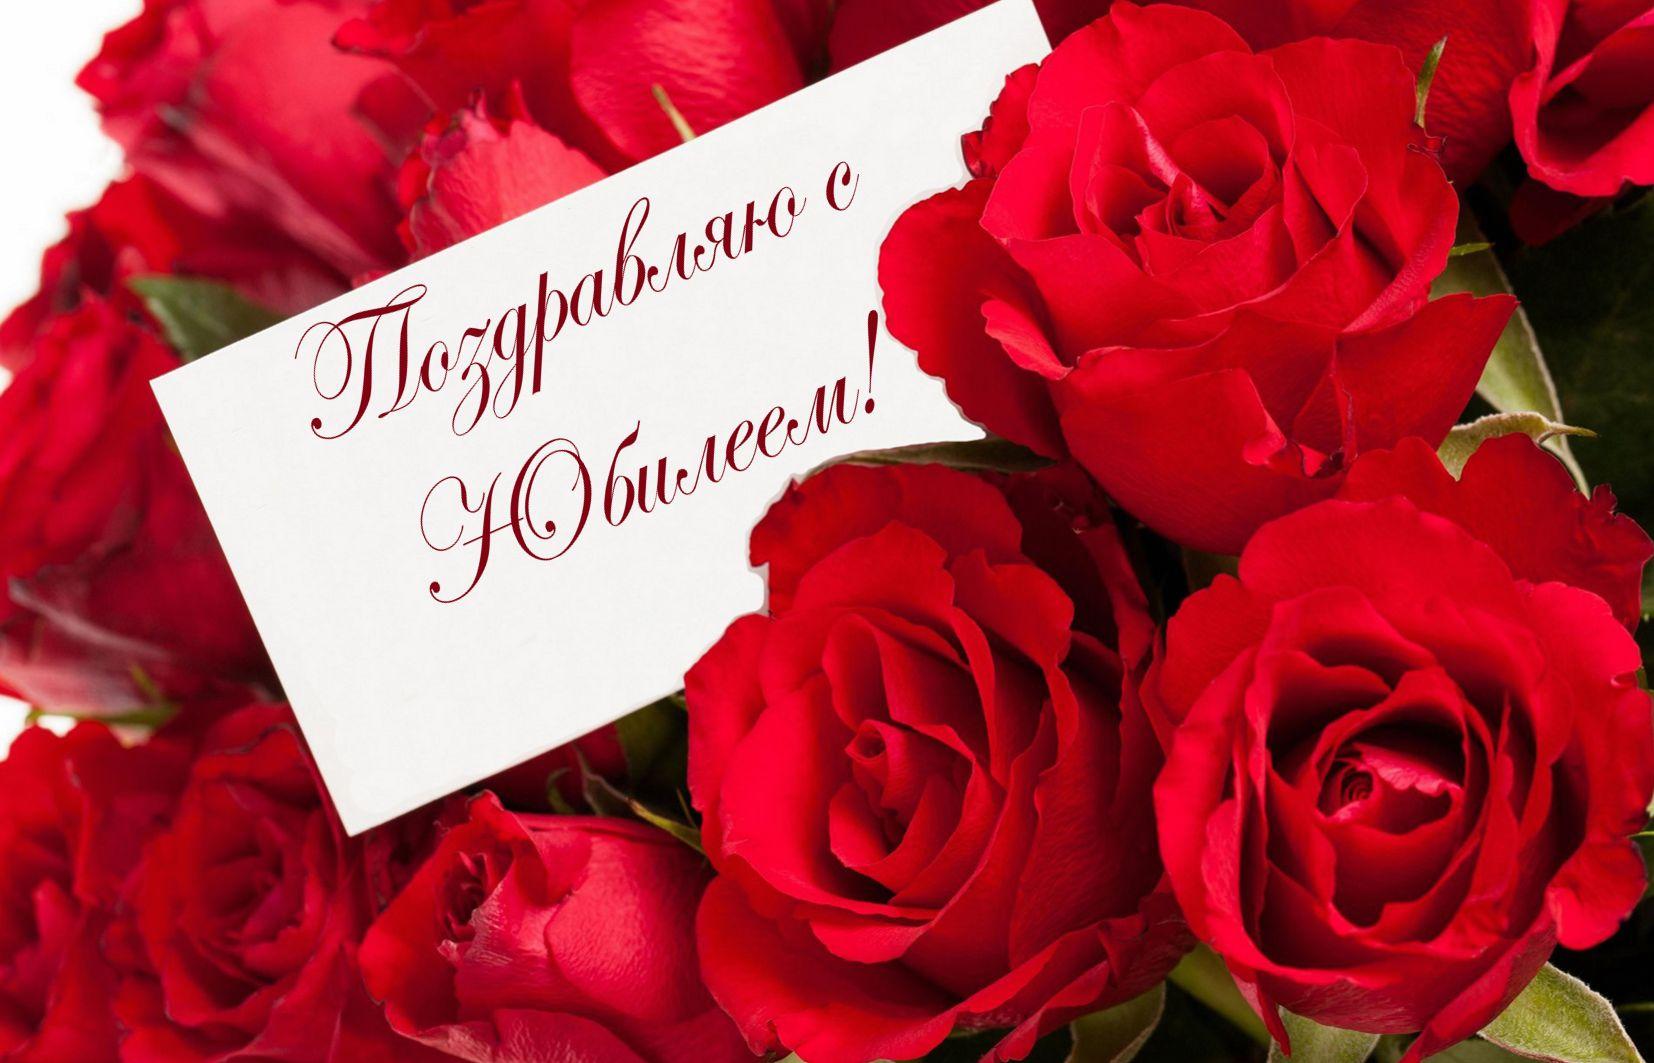 Открытка на юбилей - огромный букет красных роз для женщины